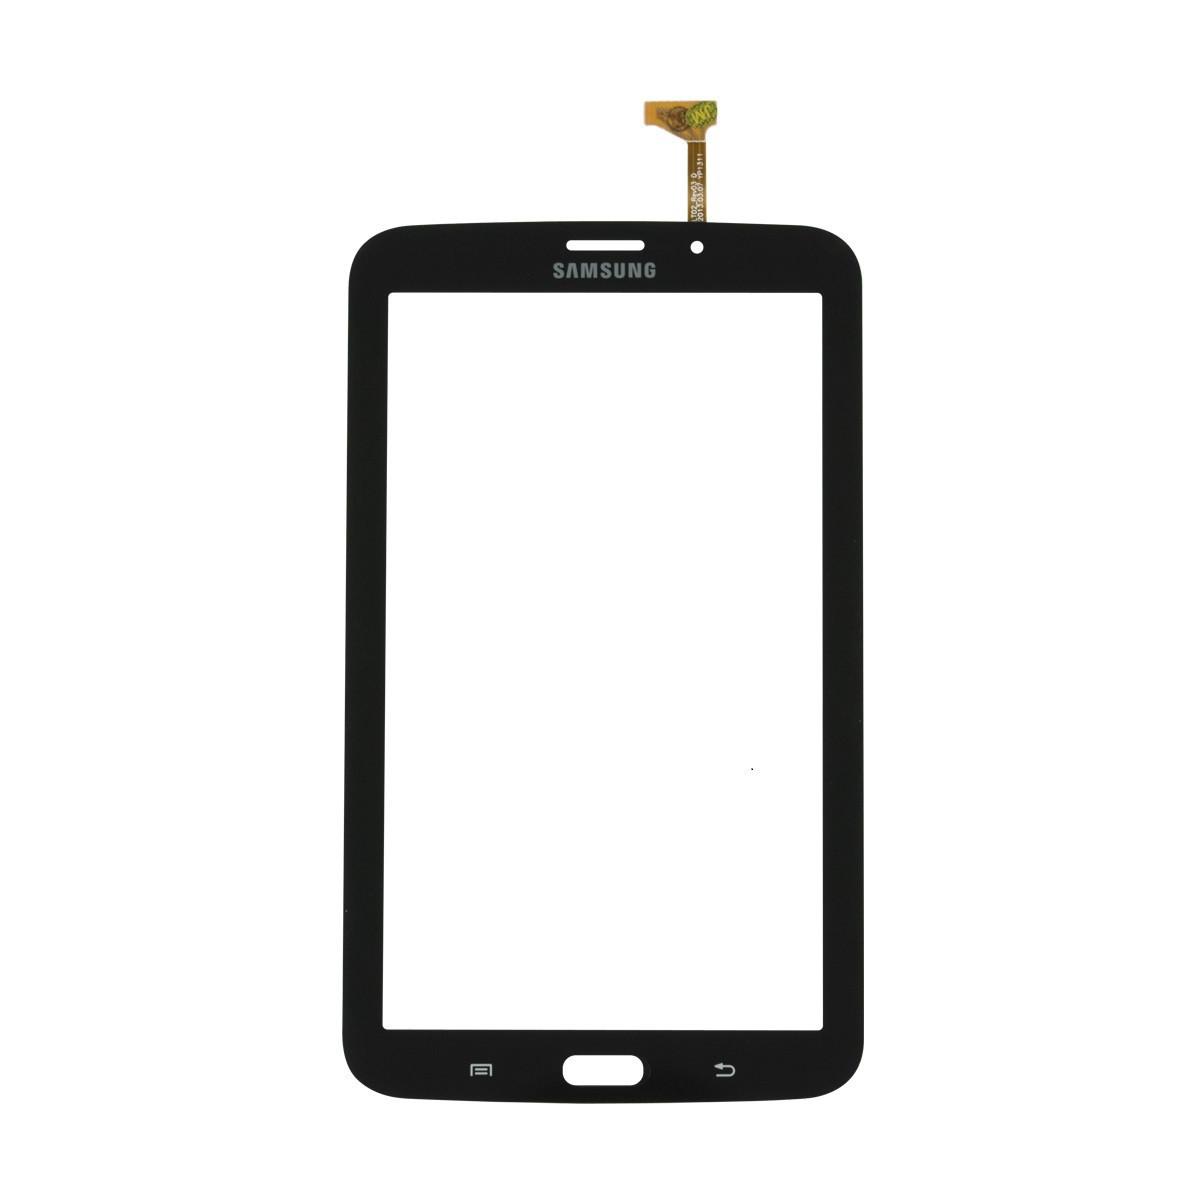 Сенсорний екран для планшету Samsung P3200, P3210, T2100, T2110 Galaxy Tab 3, T210, версія Wi-fi, чорний